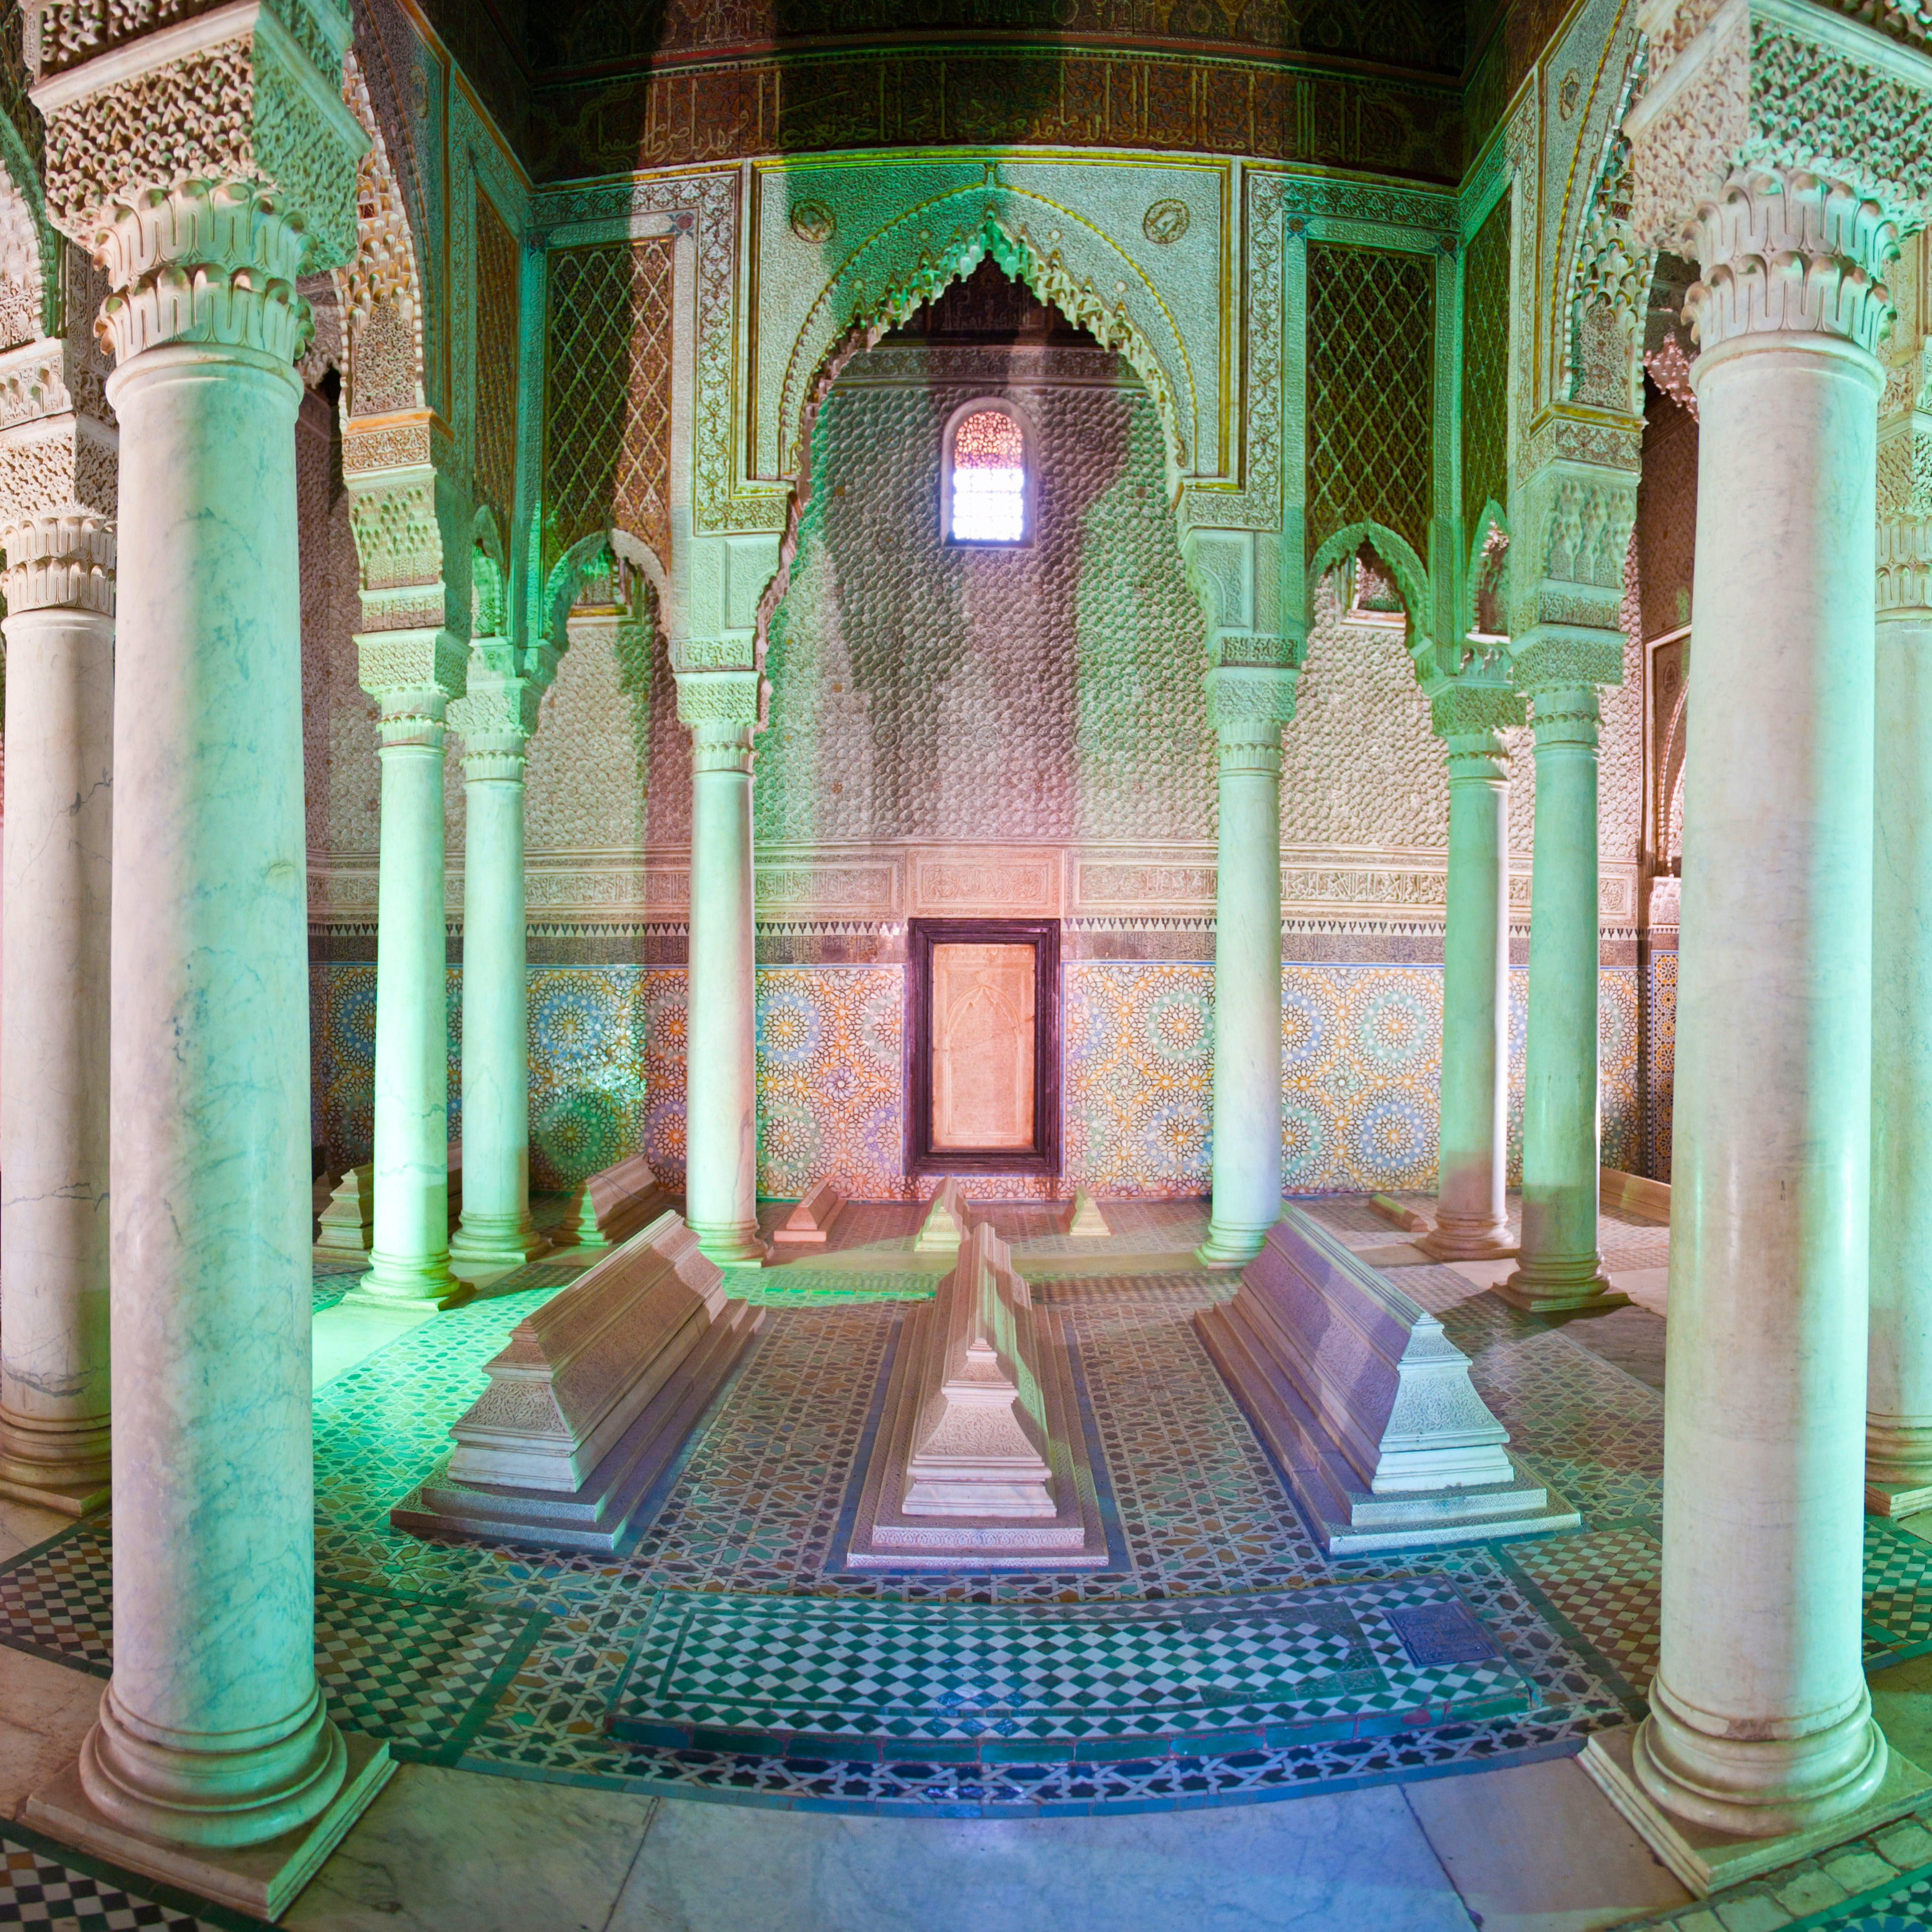 The Saddian Tombs